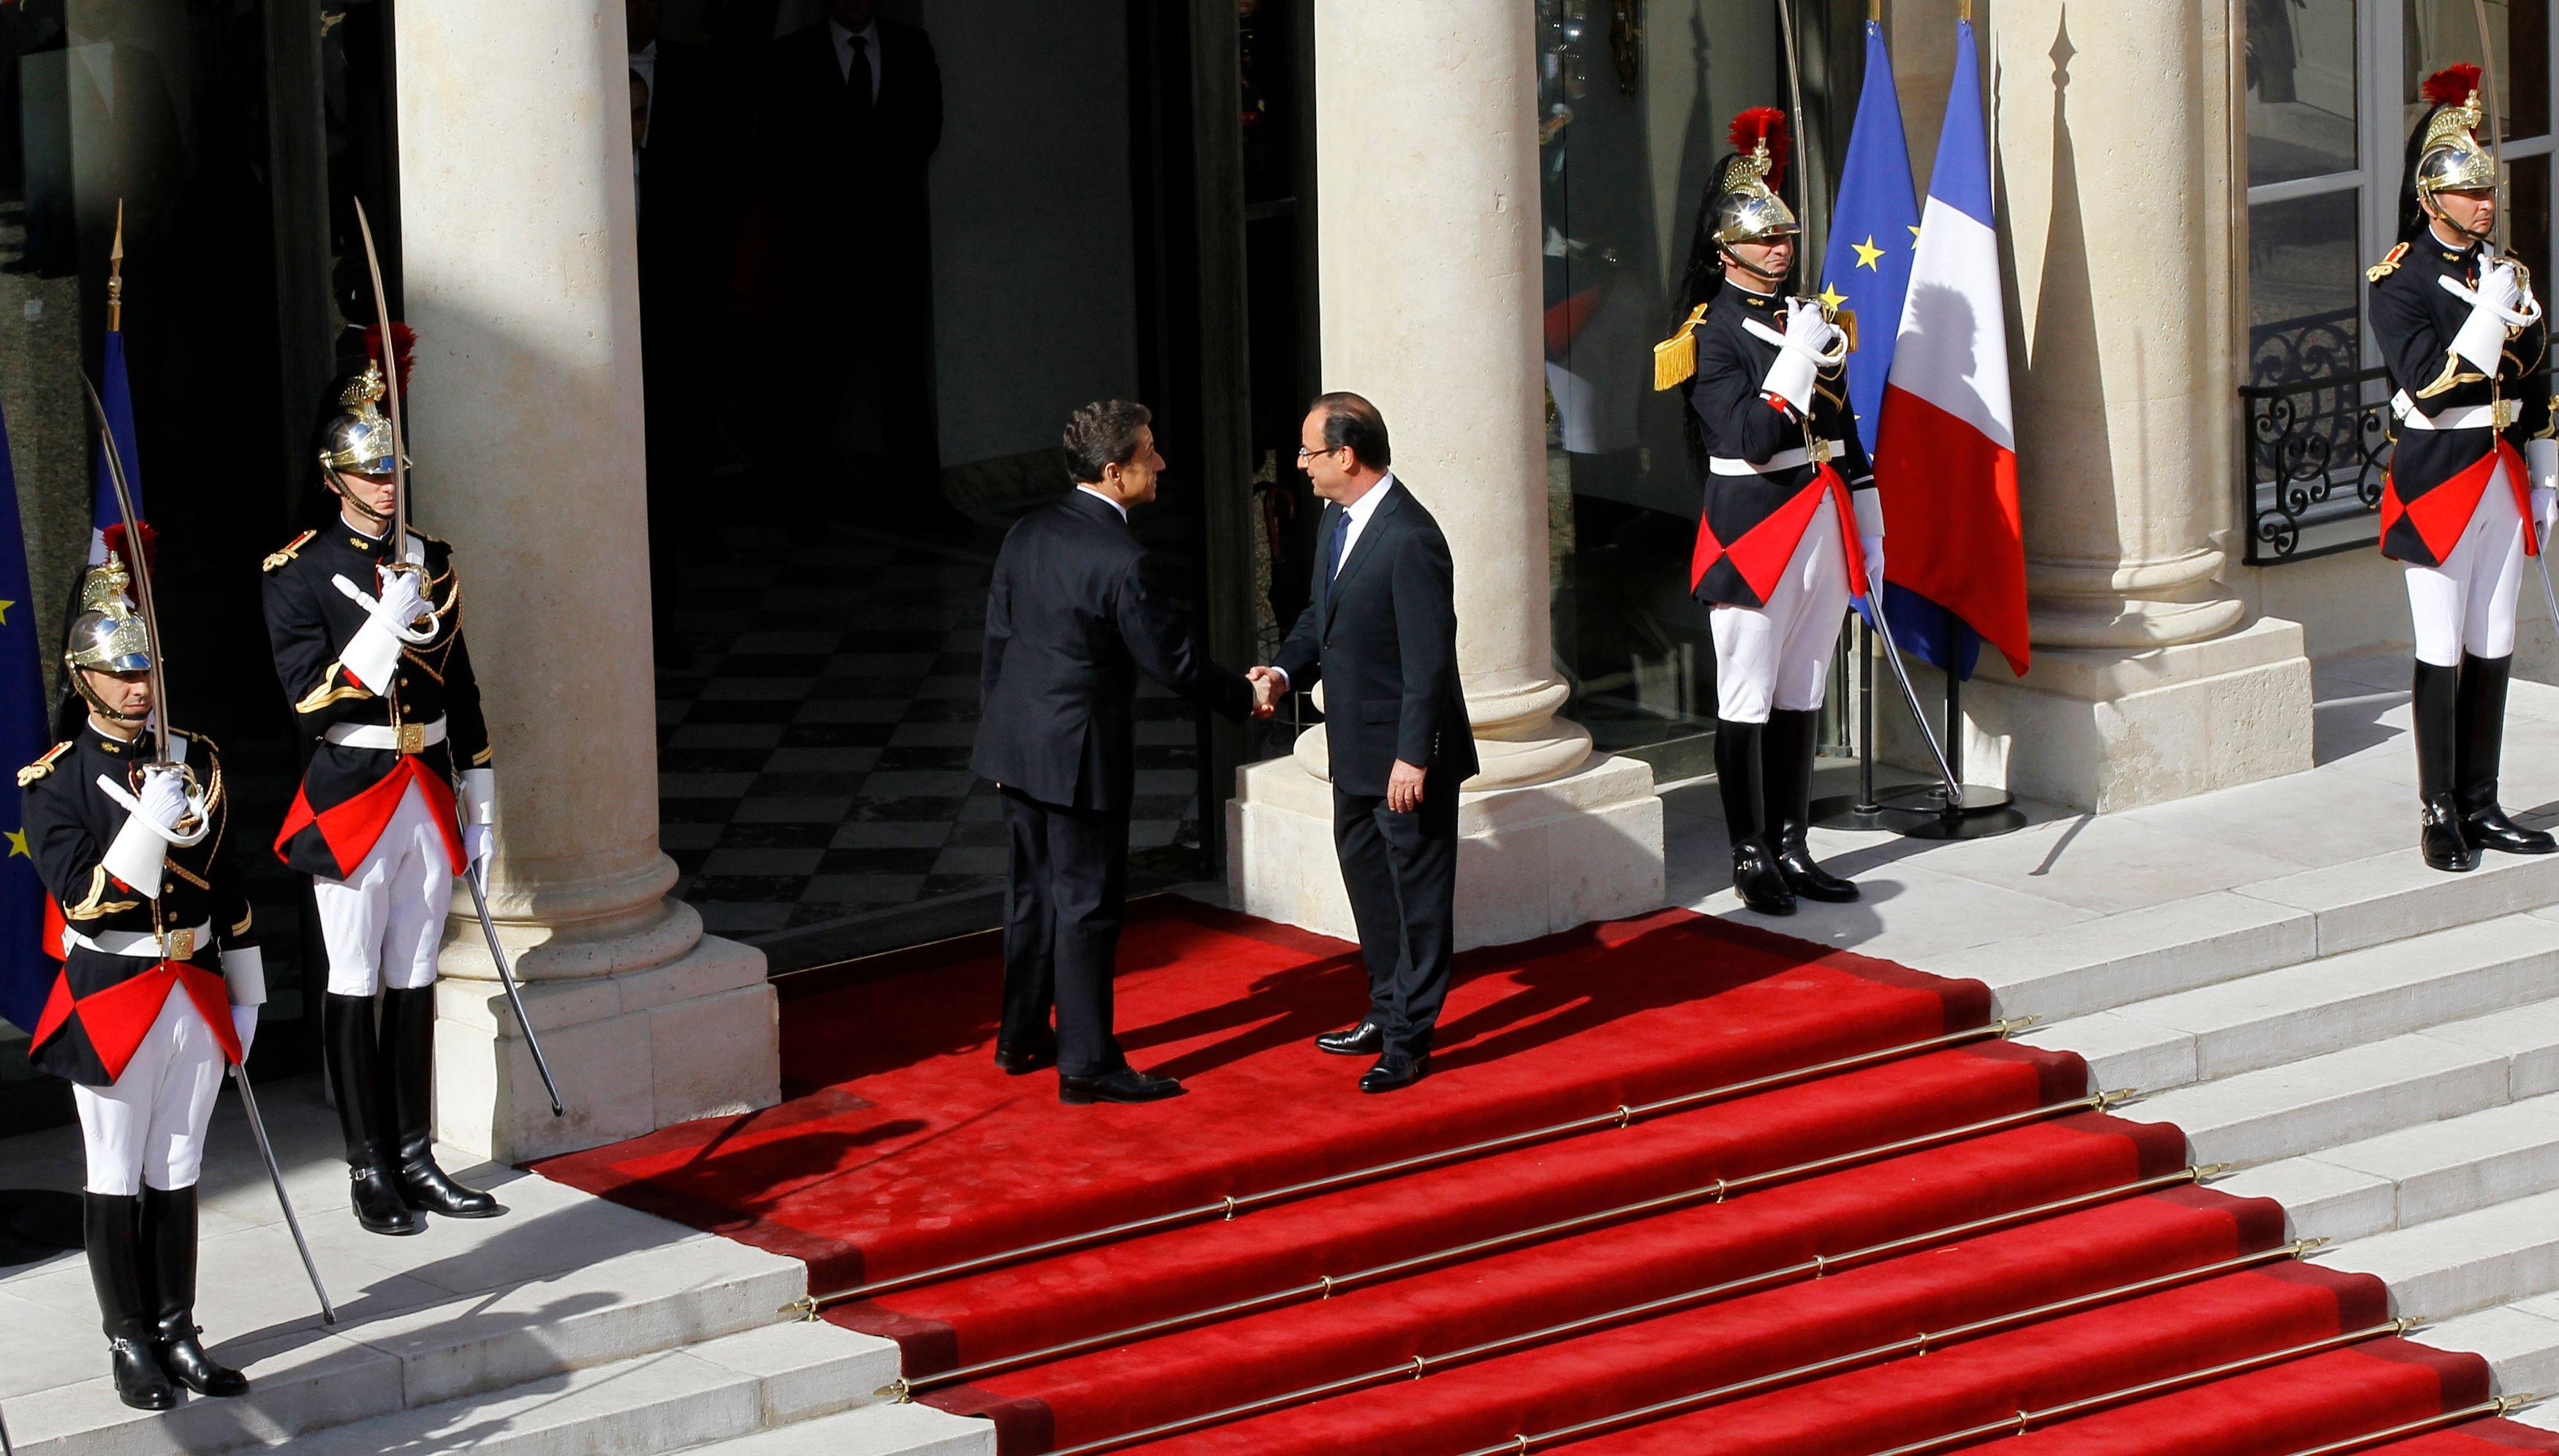 Beaucoup en rêvent (même si très peu y croient) : une présidentielle 2017 sans Hollande et Sarkozy, ça donnerait quoi ?